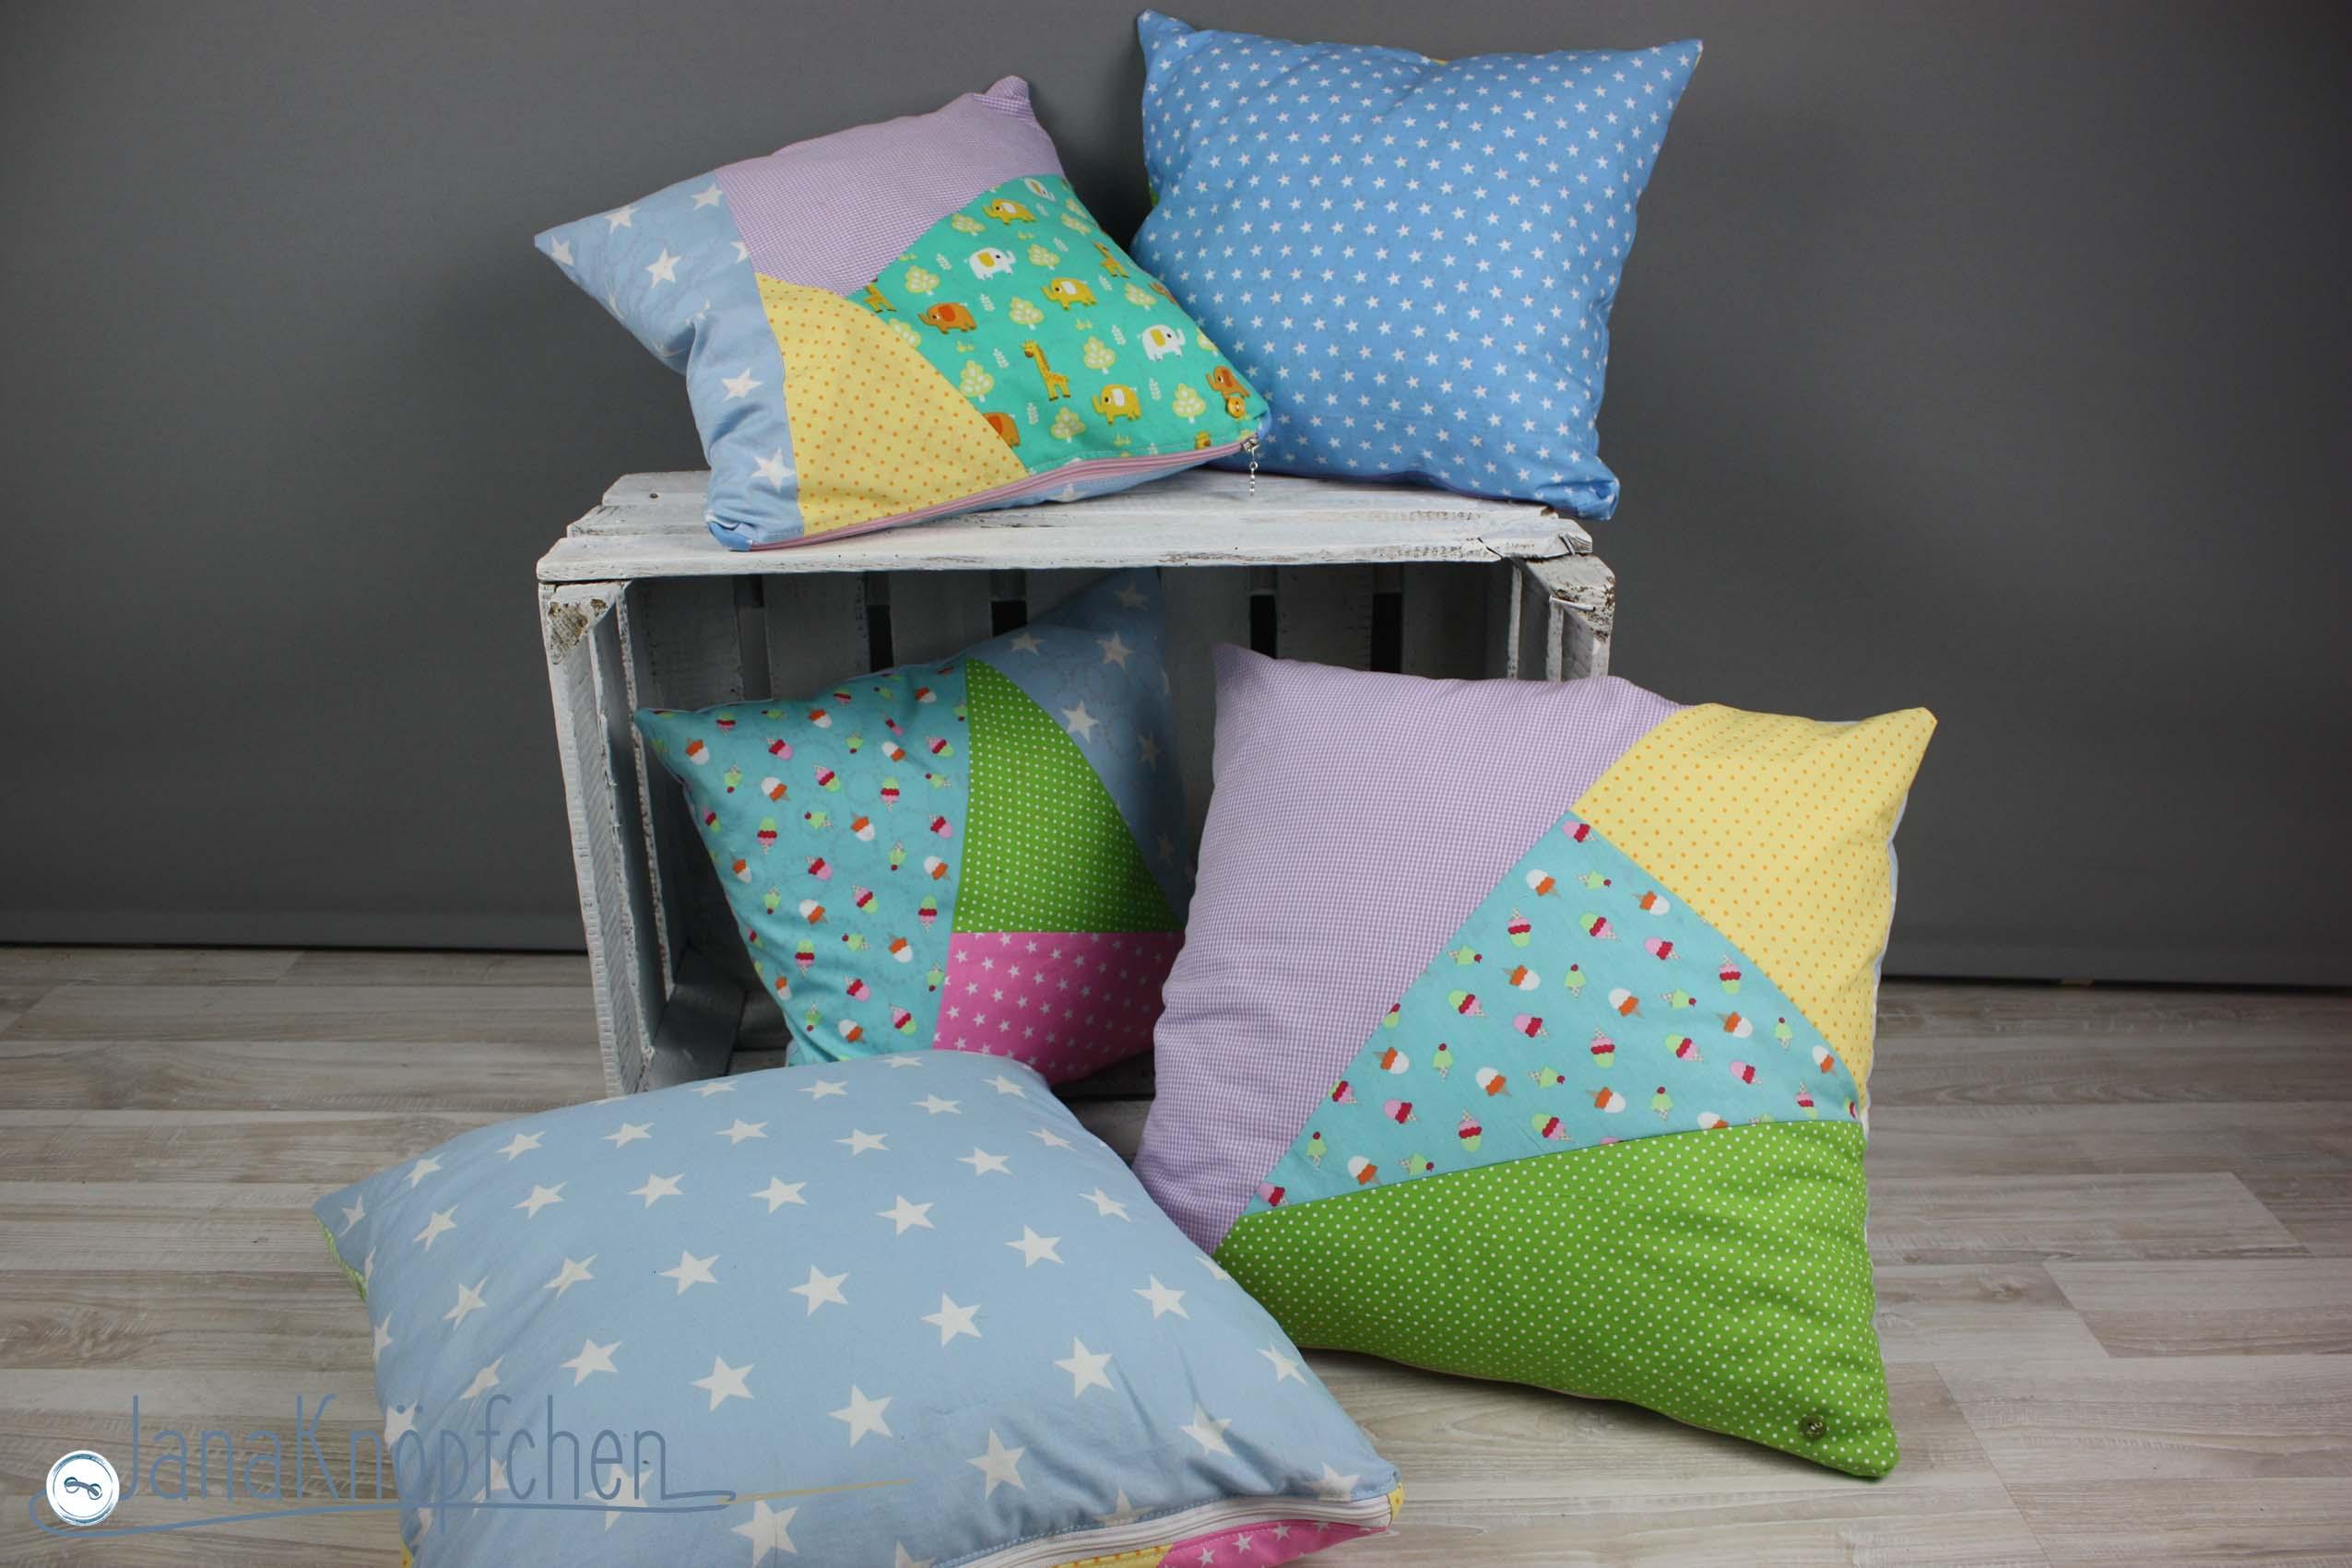 patchworkkissen f r die kita eingangsbereich versch nern. Black Bedroom Furniture Sets. Home Design Ideas